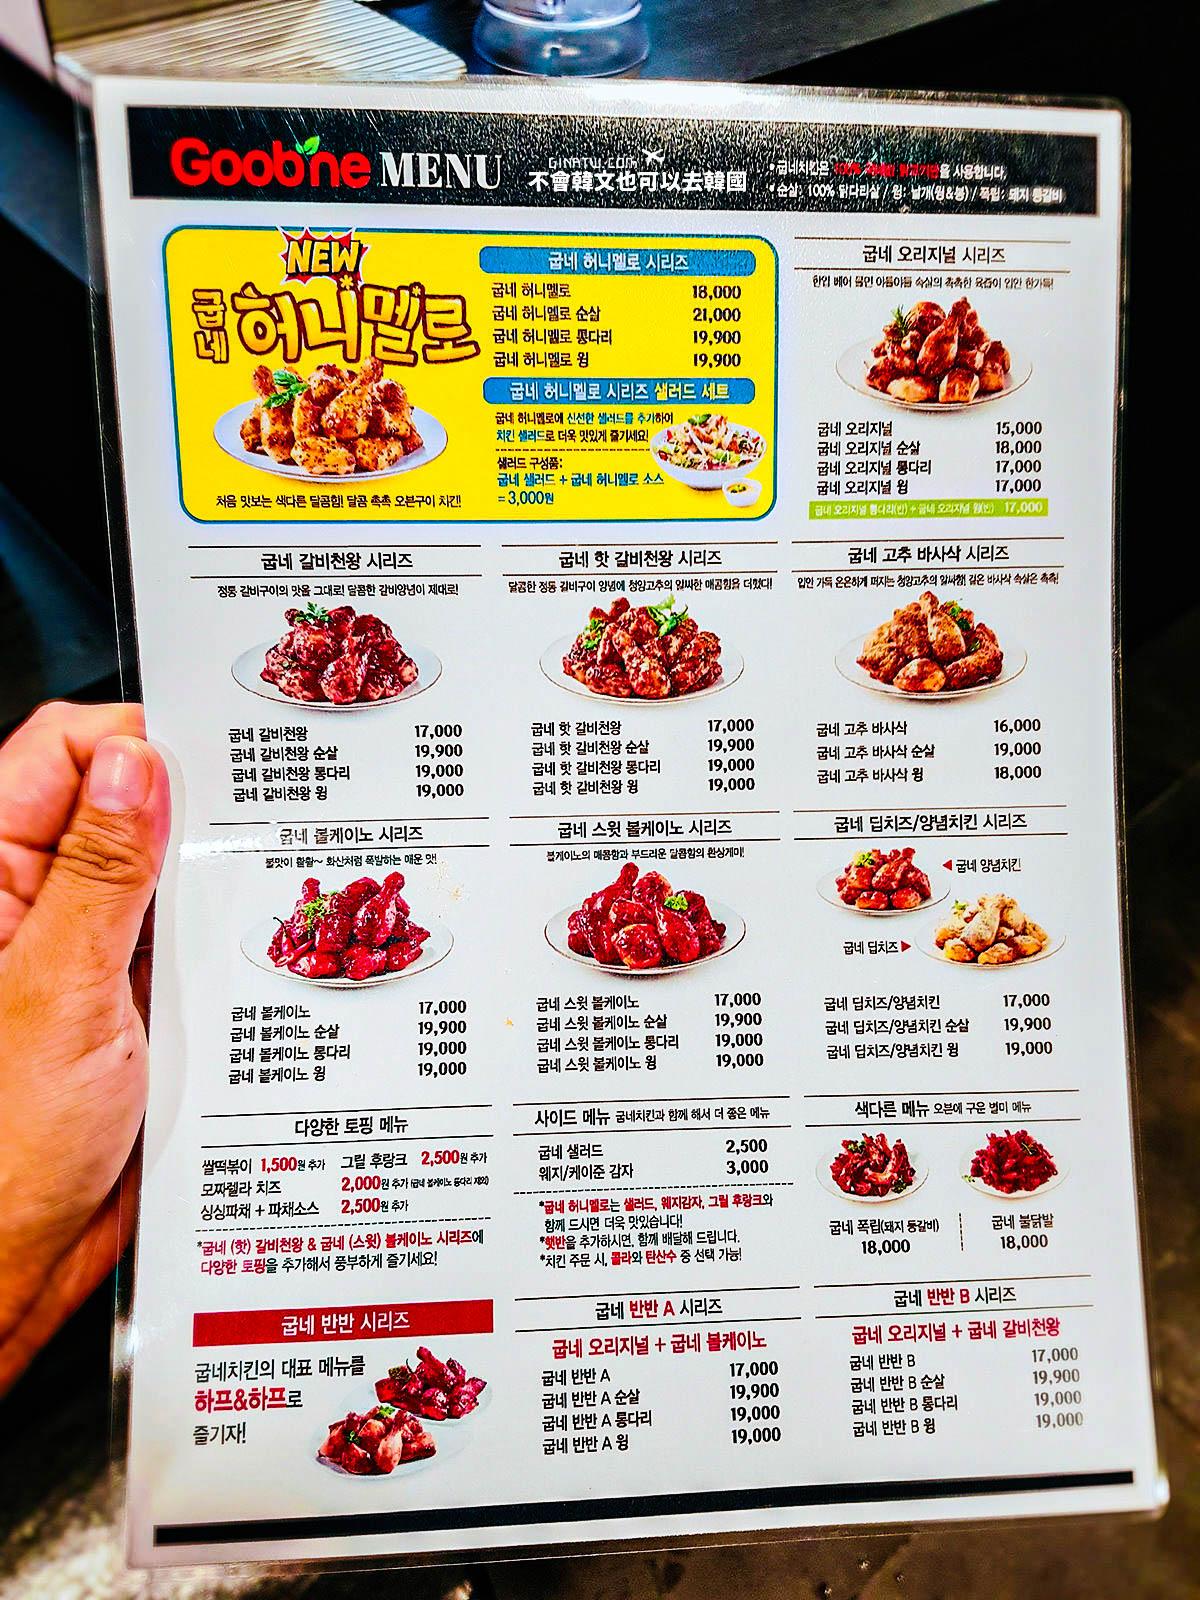 【首爾炸雞/烤雞】弘大入口站|BHC炸雞、GOOBNE烤雞|附菜單、分店解說 @GINA LIN